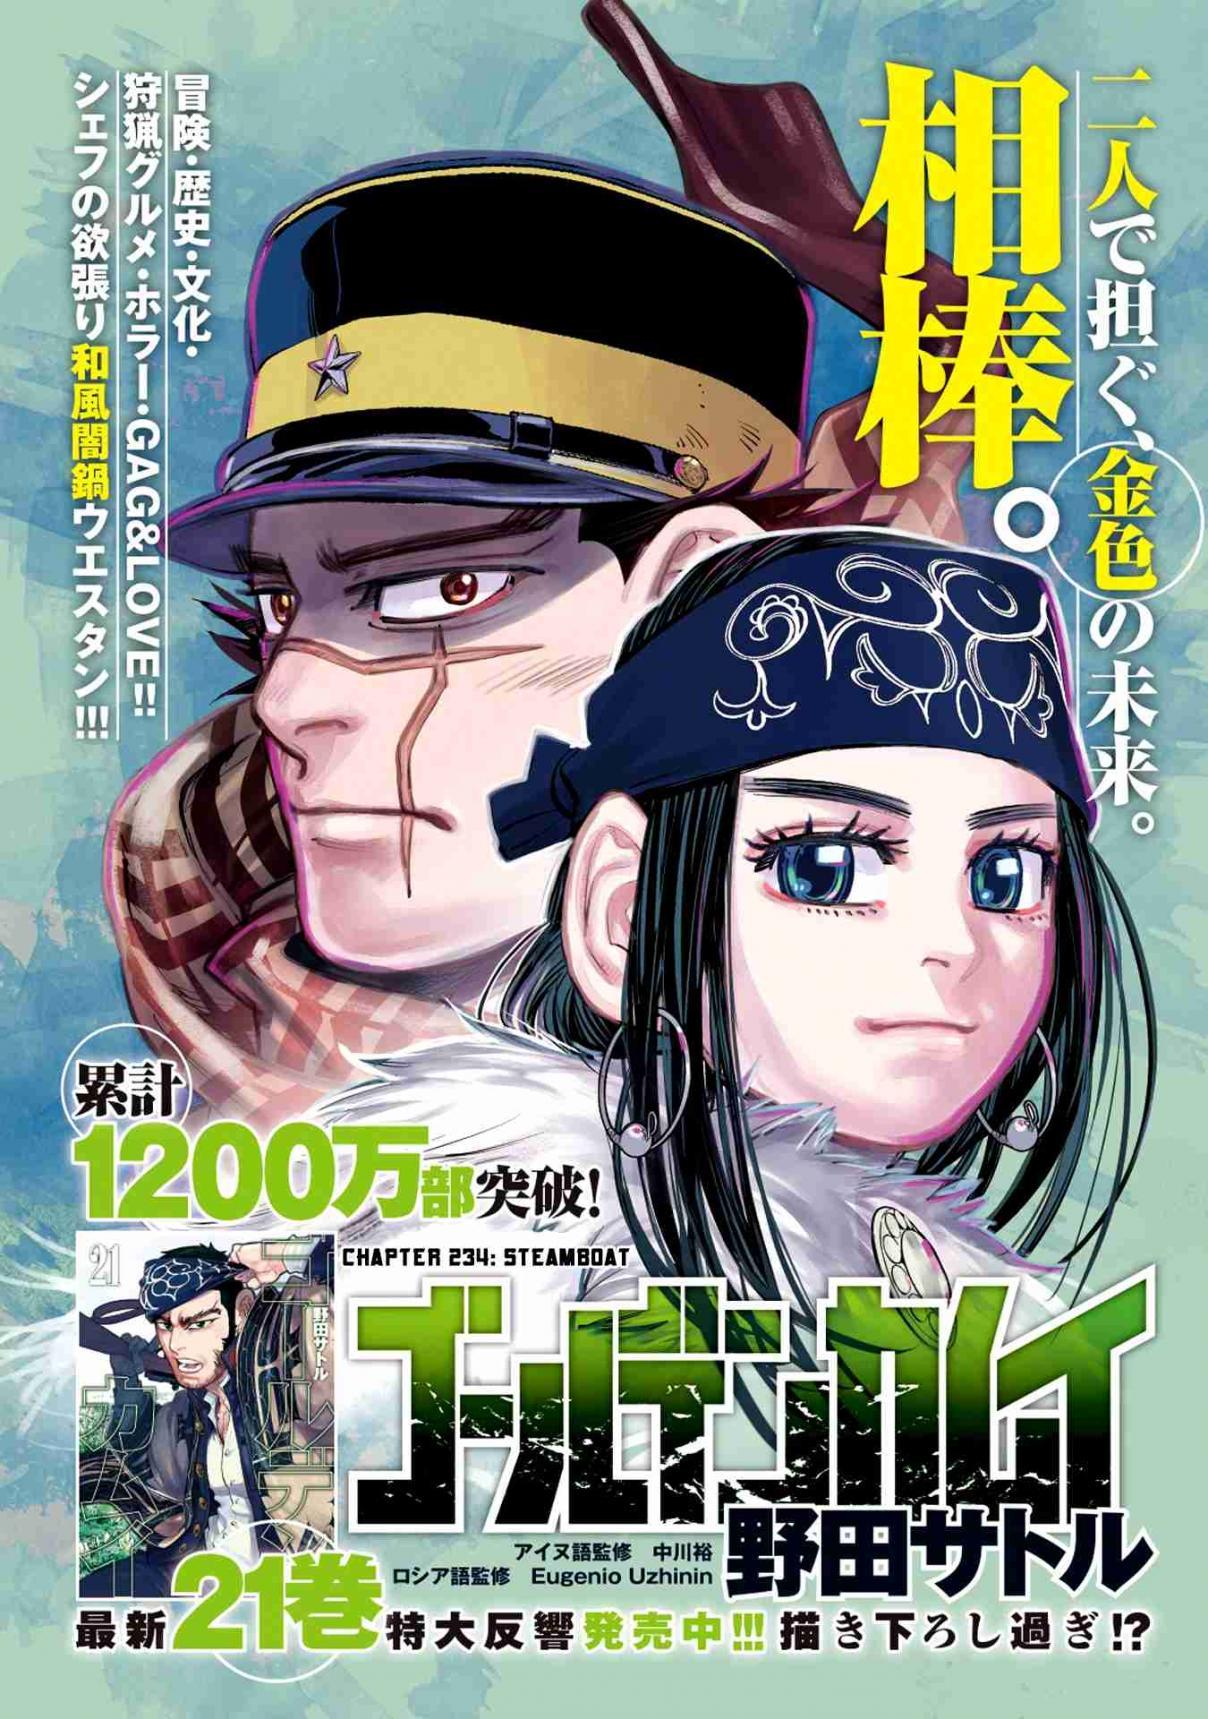 https://manga.mangadogs.com/comics/pic2/26/538/1261967/94bc8b7e4631b22431b57fe25cc4e61f.jpg Page 1